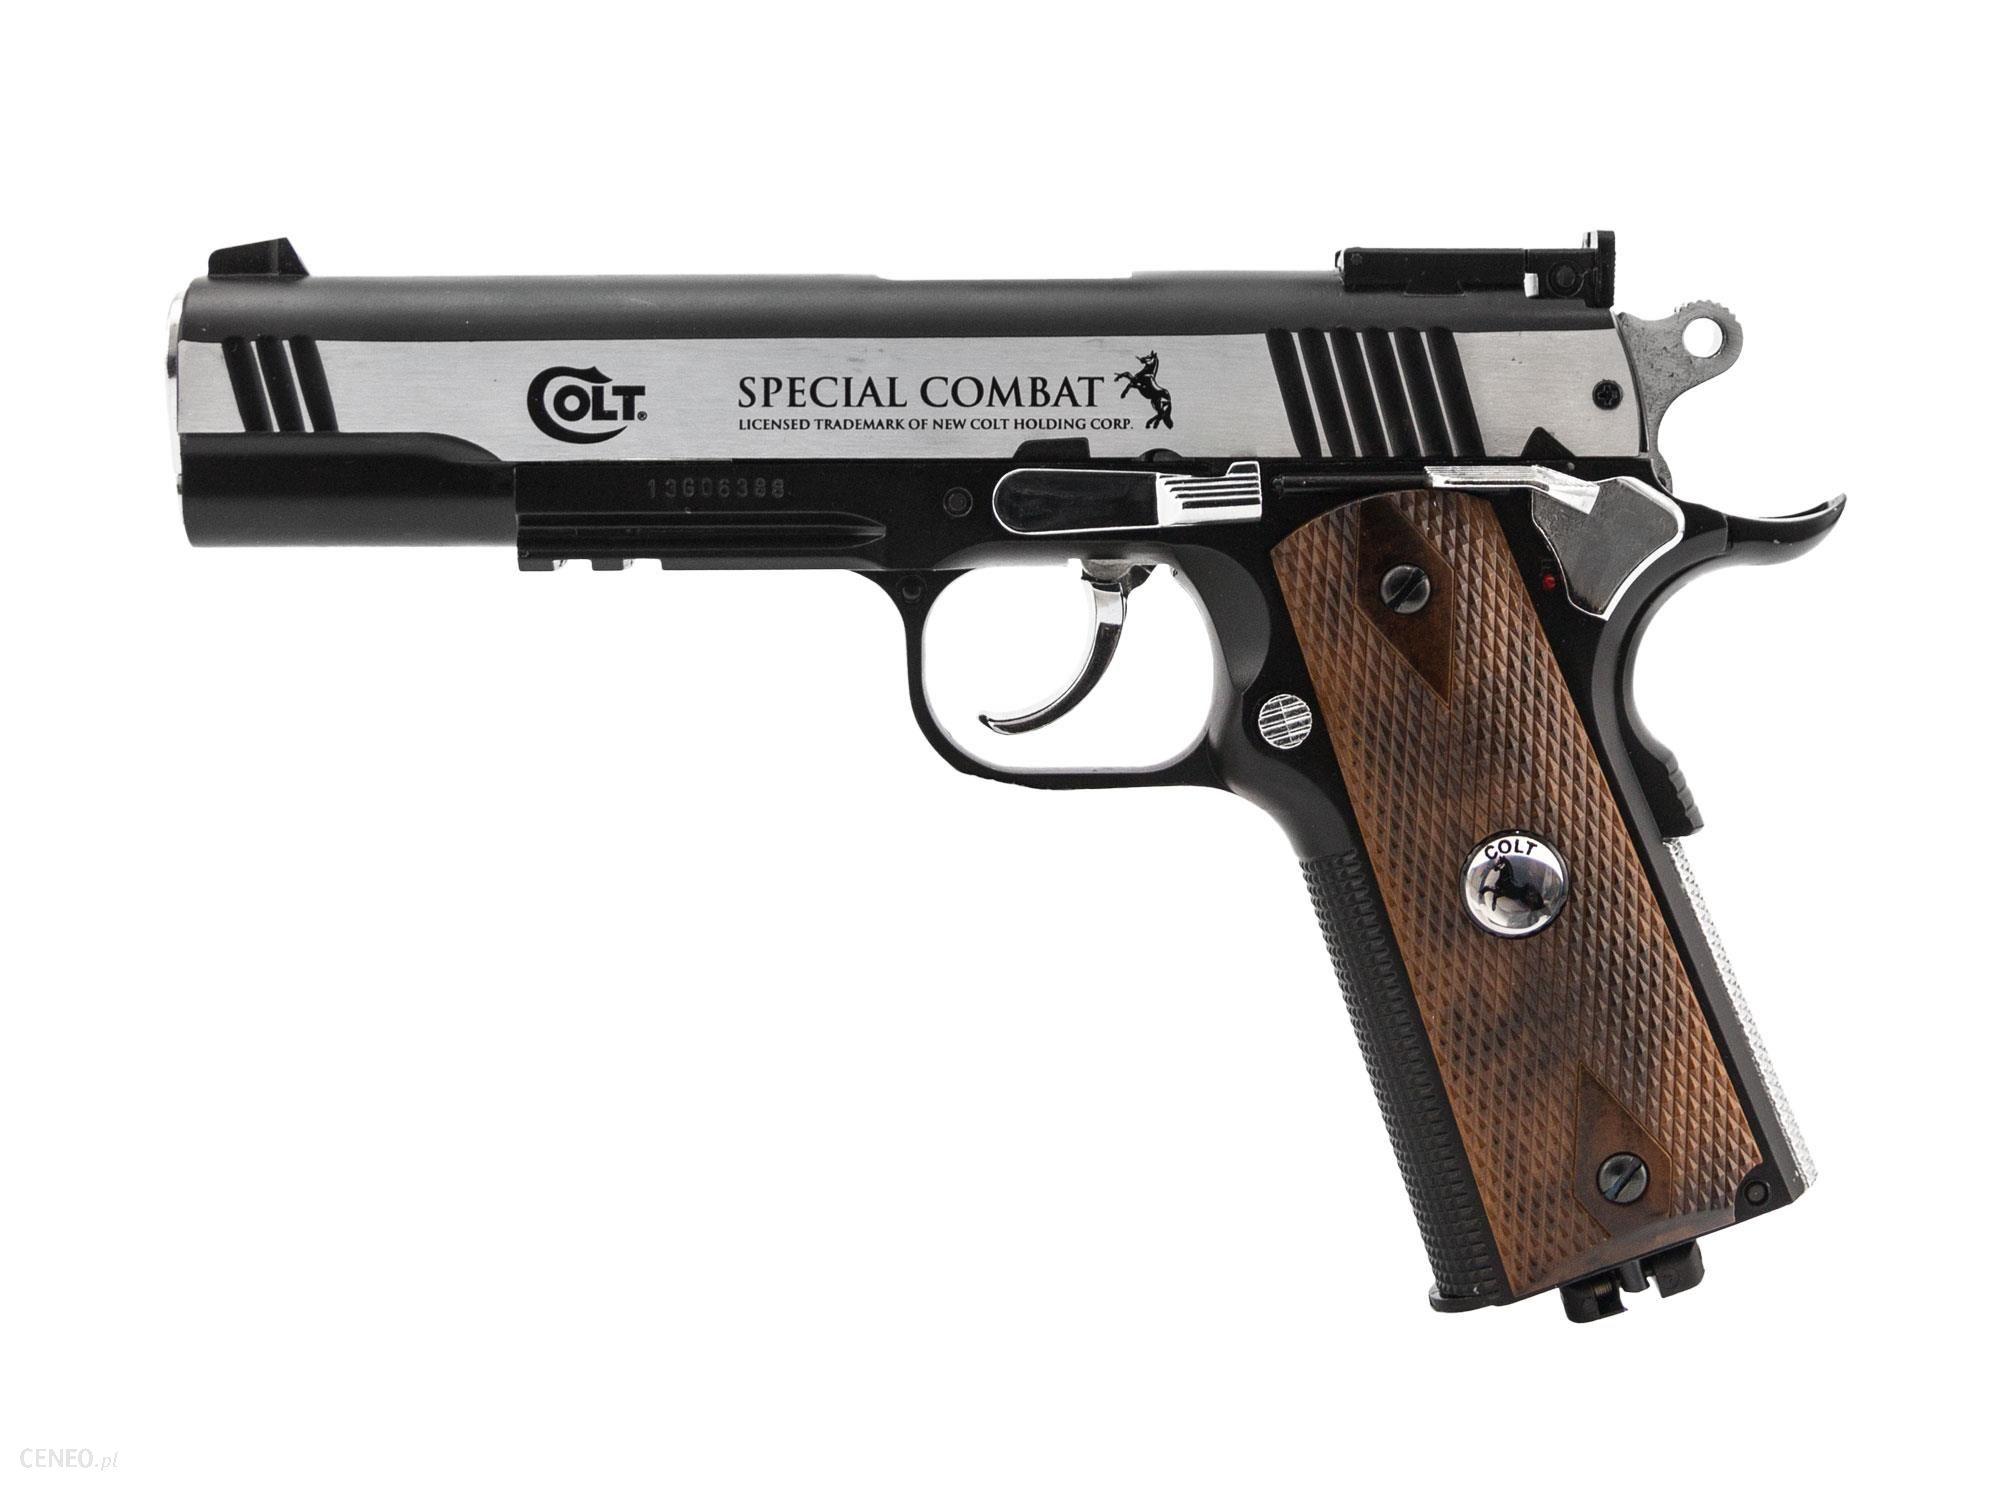 Umarex Colt Specjal Combat Full Metal - 4